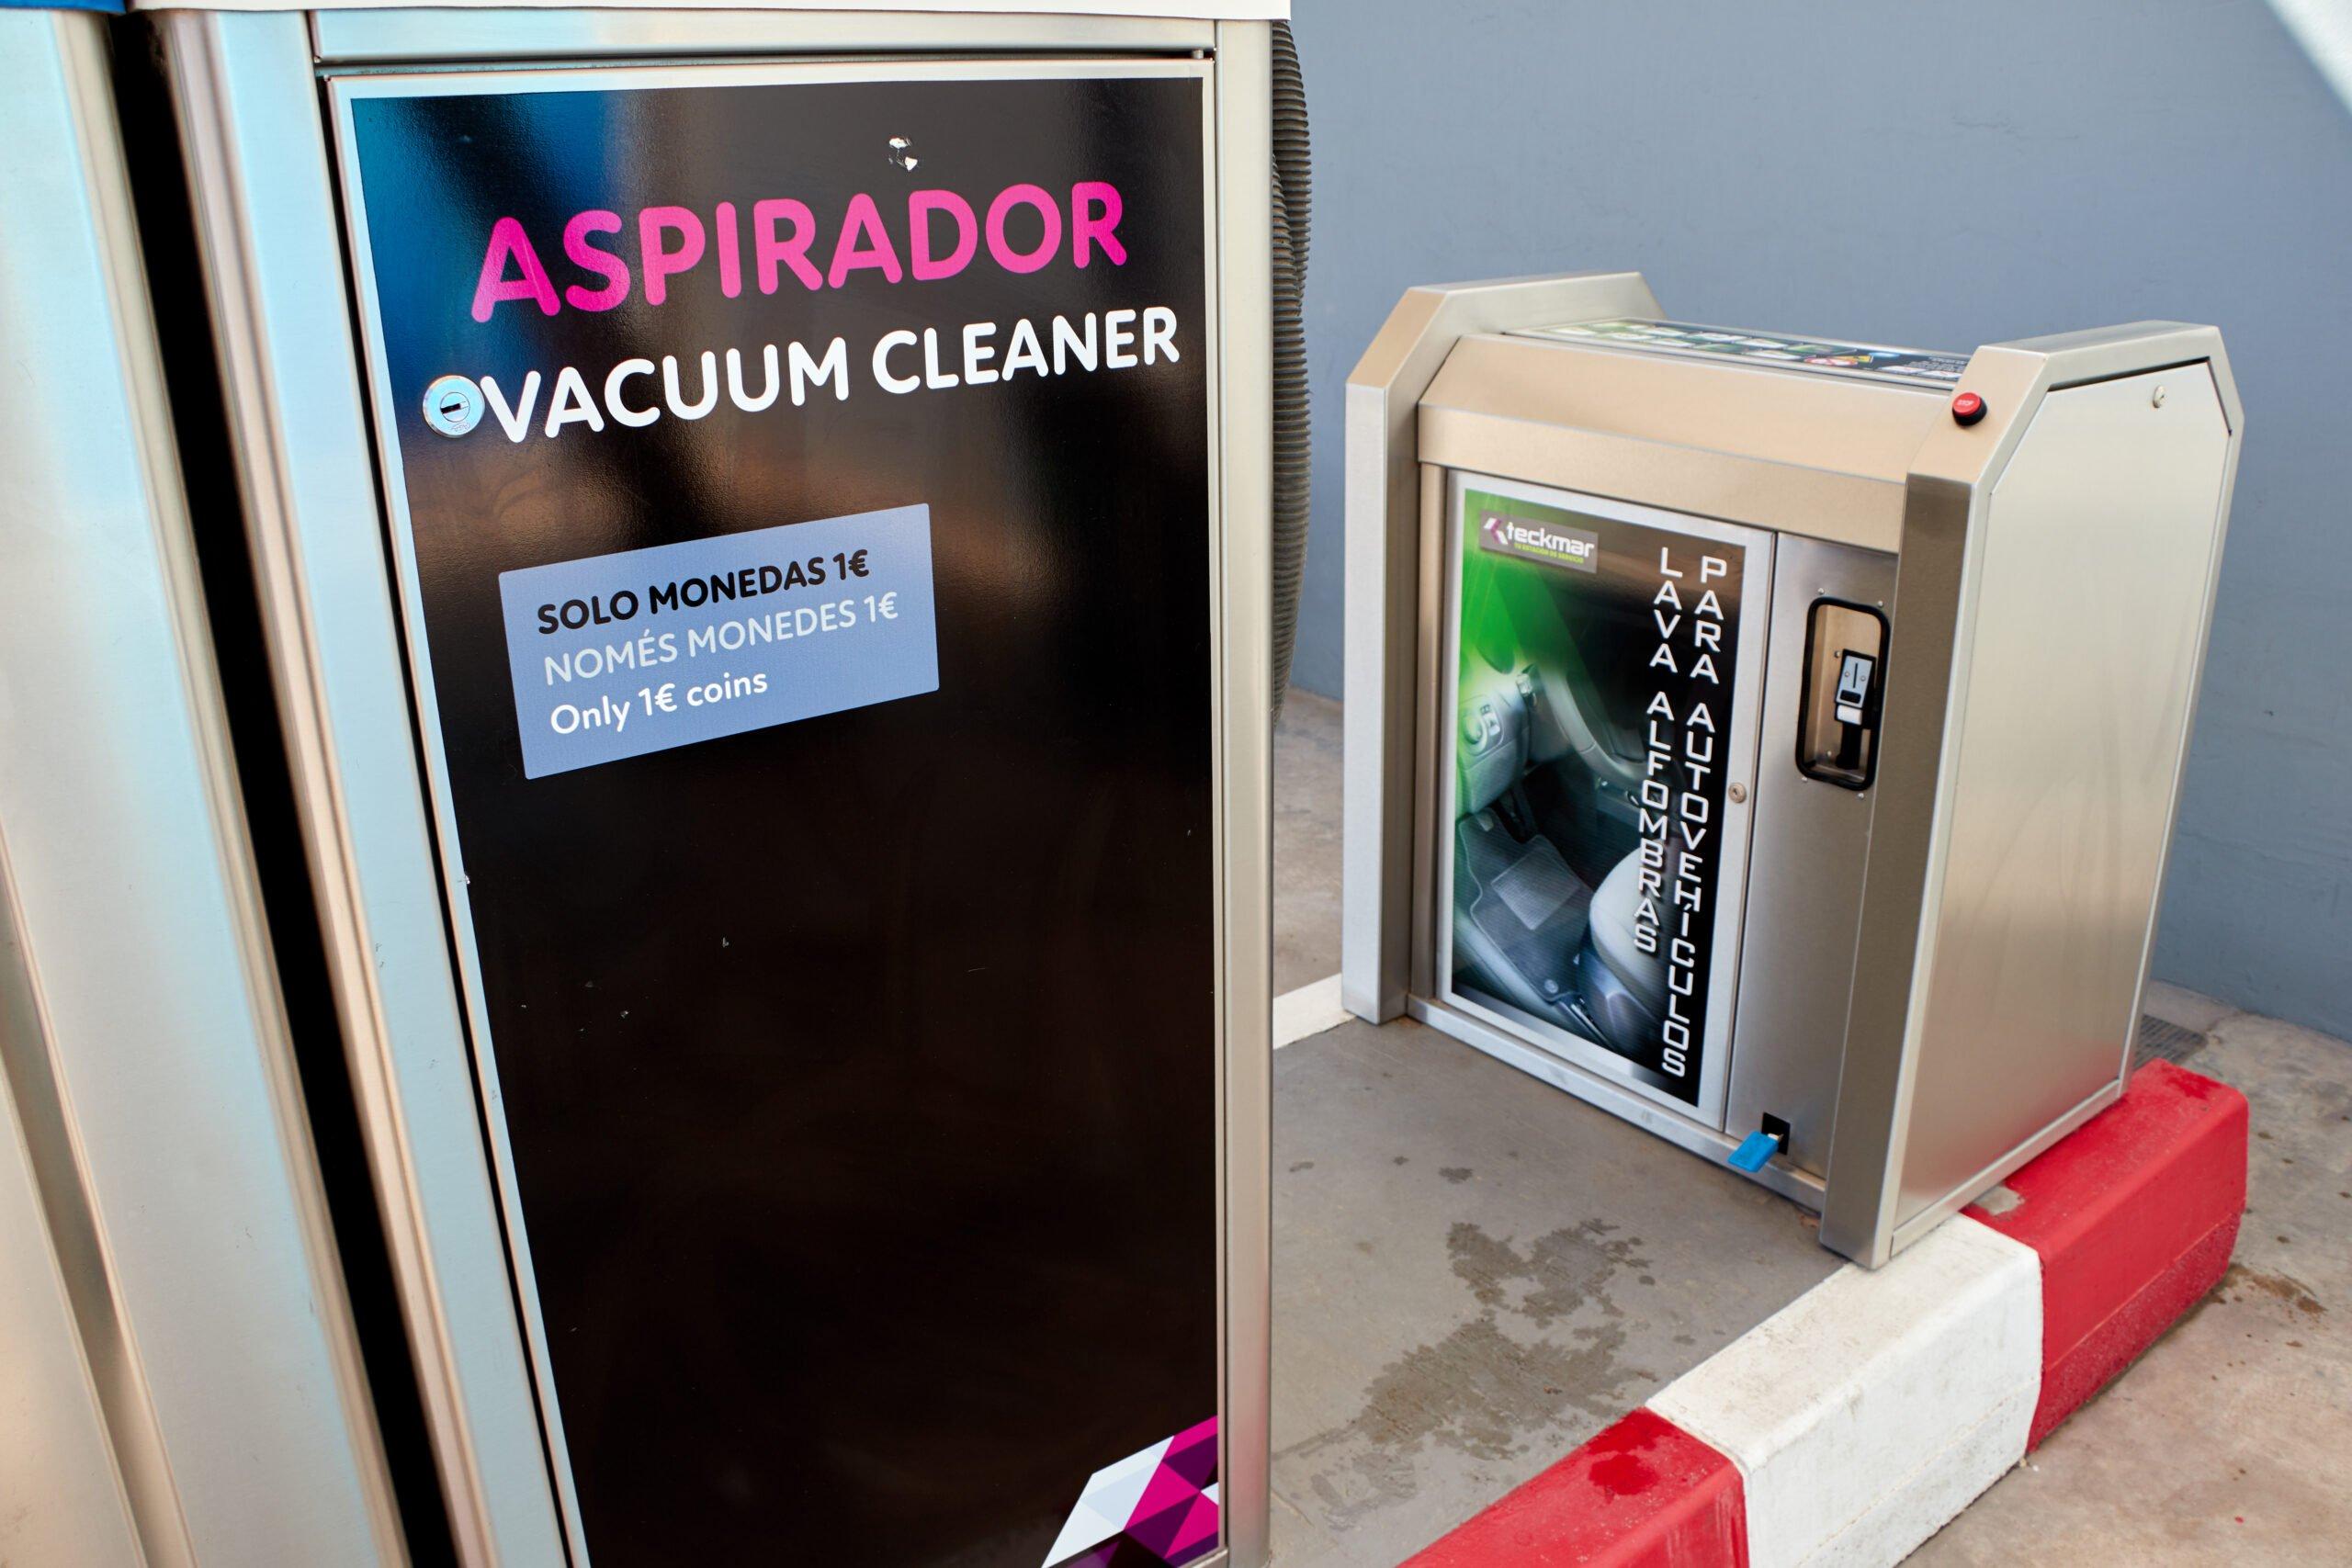 Aspirador y limpiador al vacío para limpieza de coches en Dénia – Gasolineras Teckmar